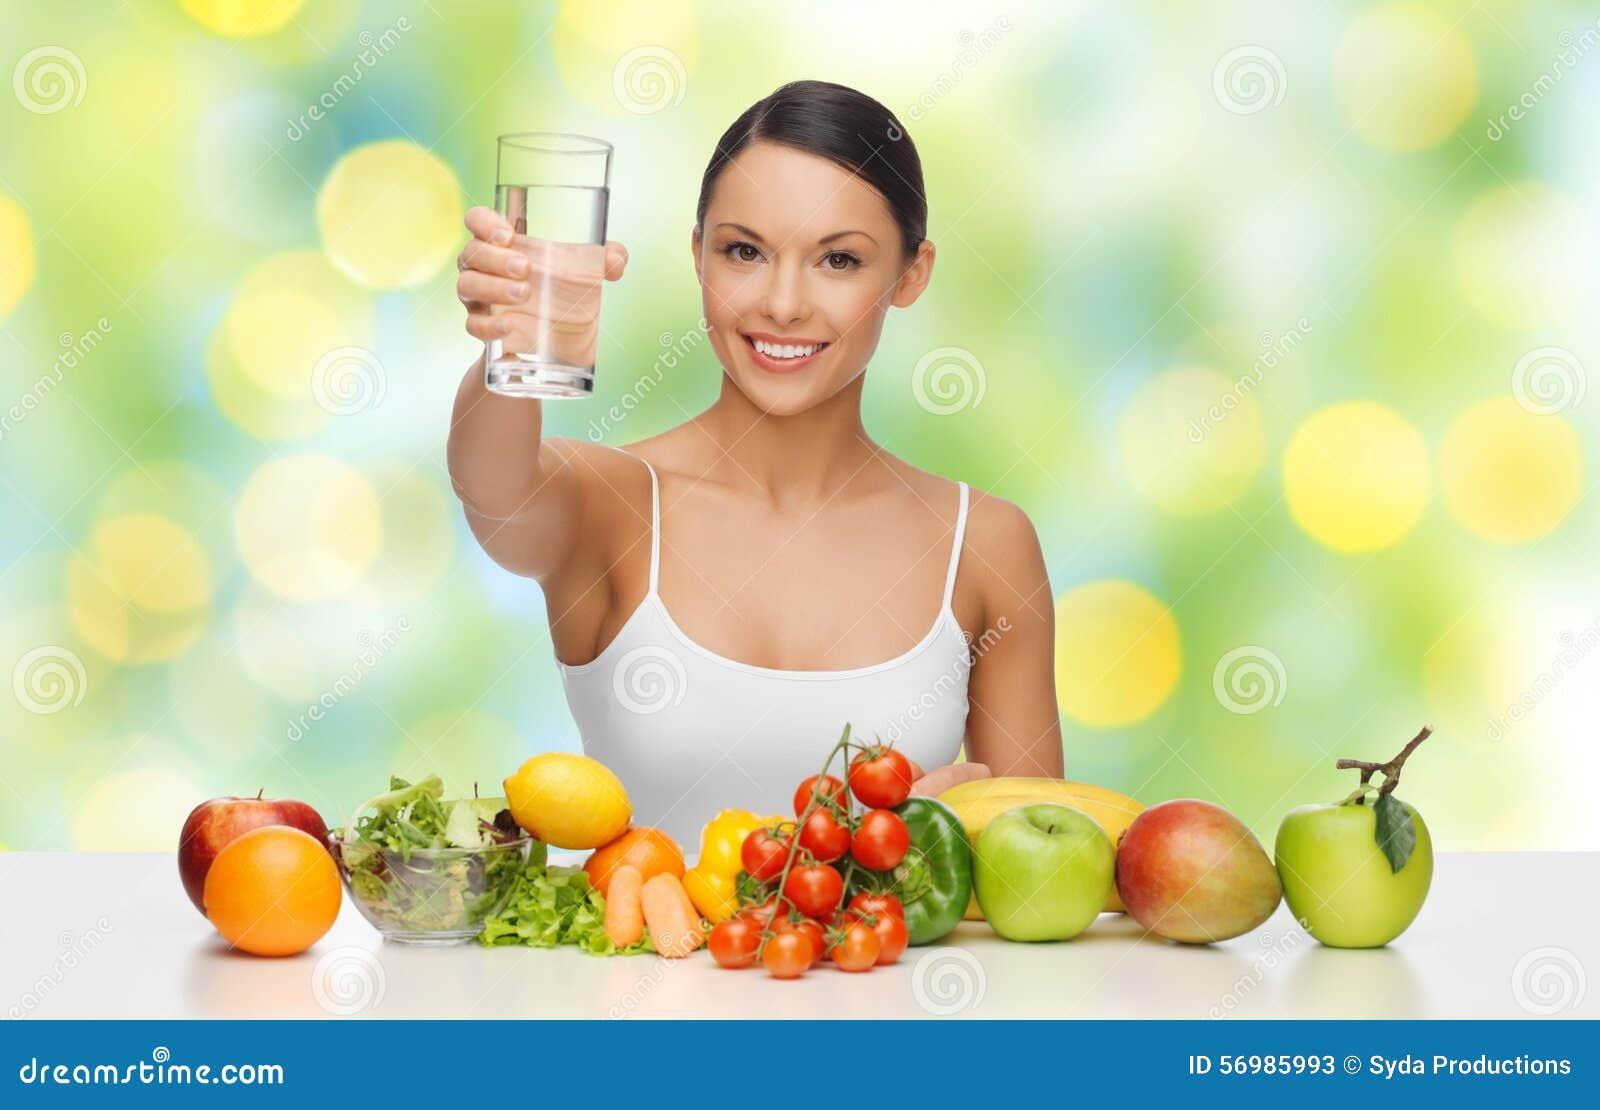 Femme heureuse avec la nourriture saine montrant le verre d eau